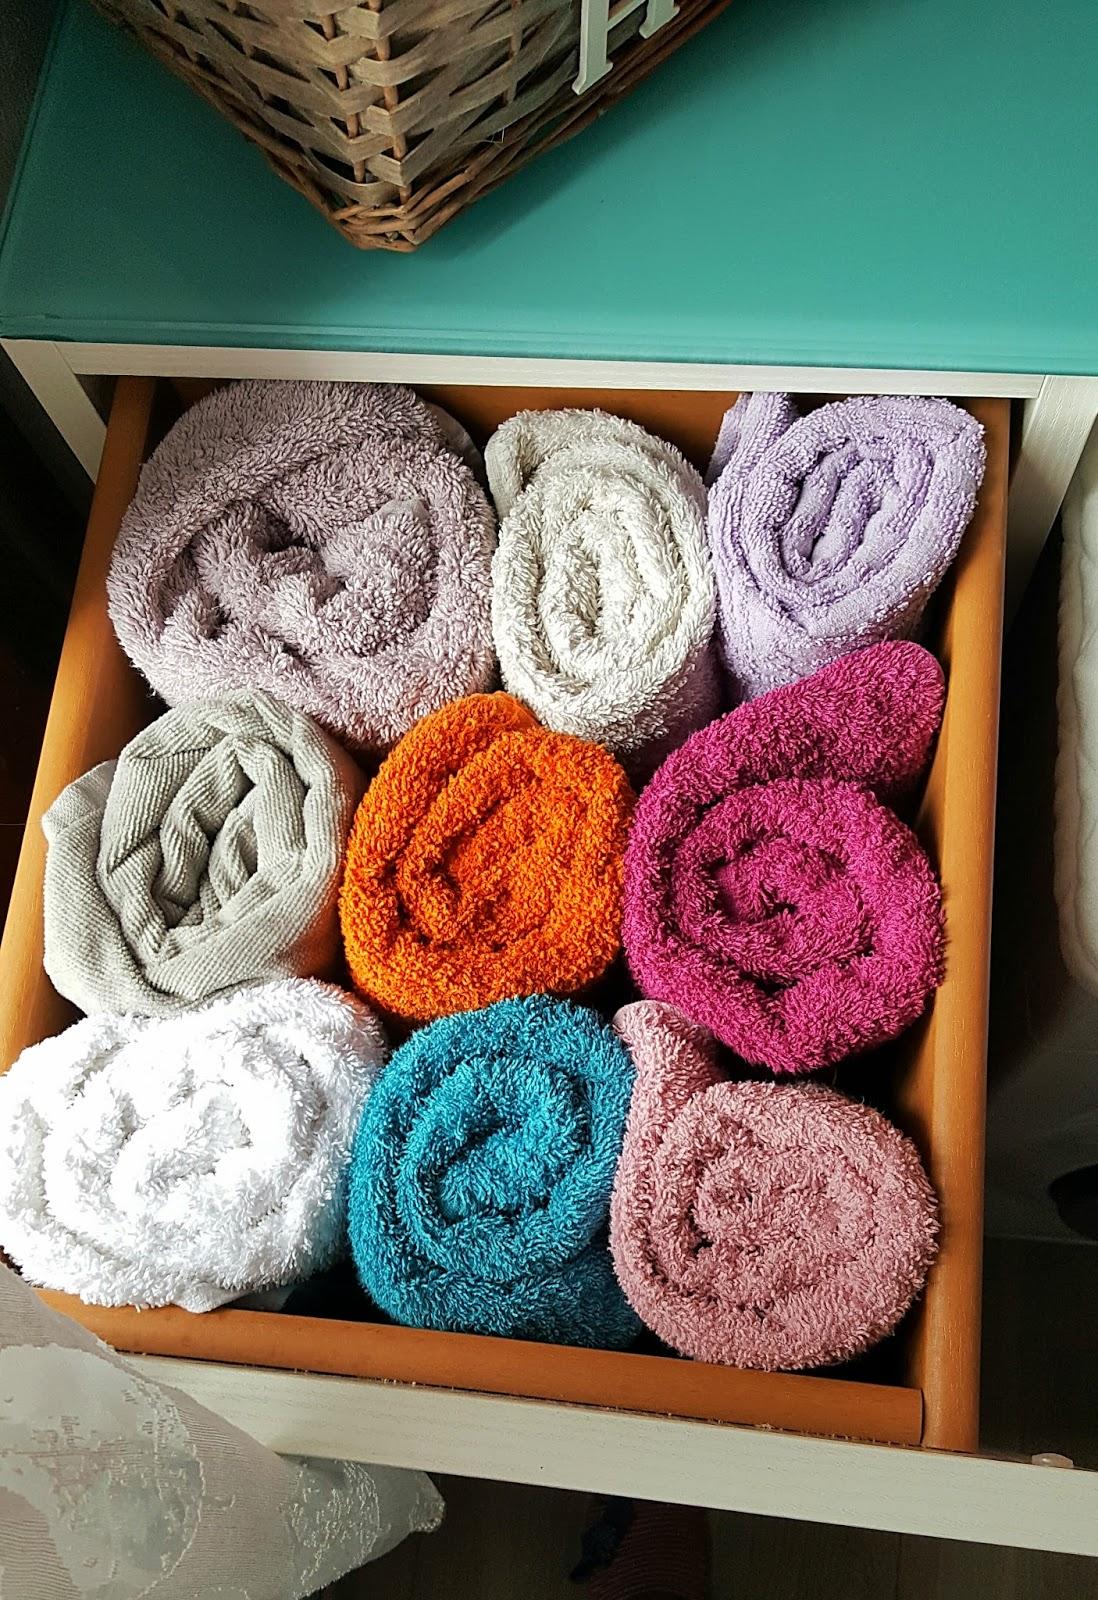 bd543549c4 Ad esempio gli asciugamani ne ho tanti ma spazio poco così li ho riordinati  in questa maniera: